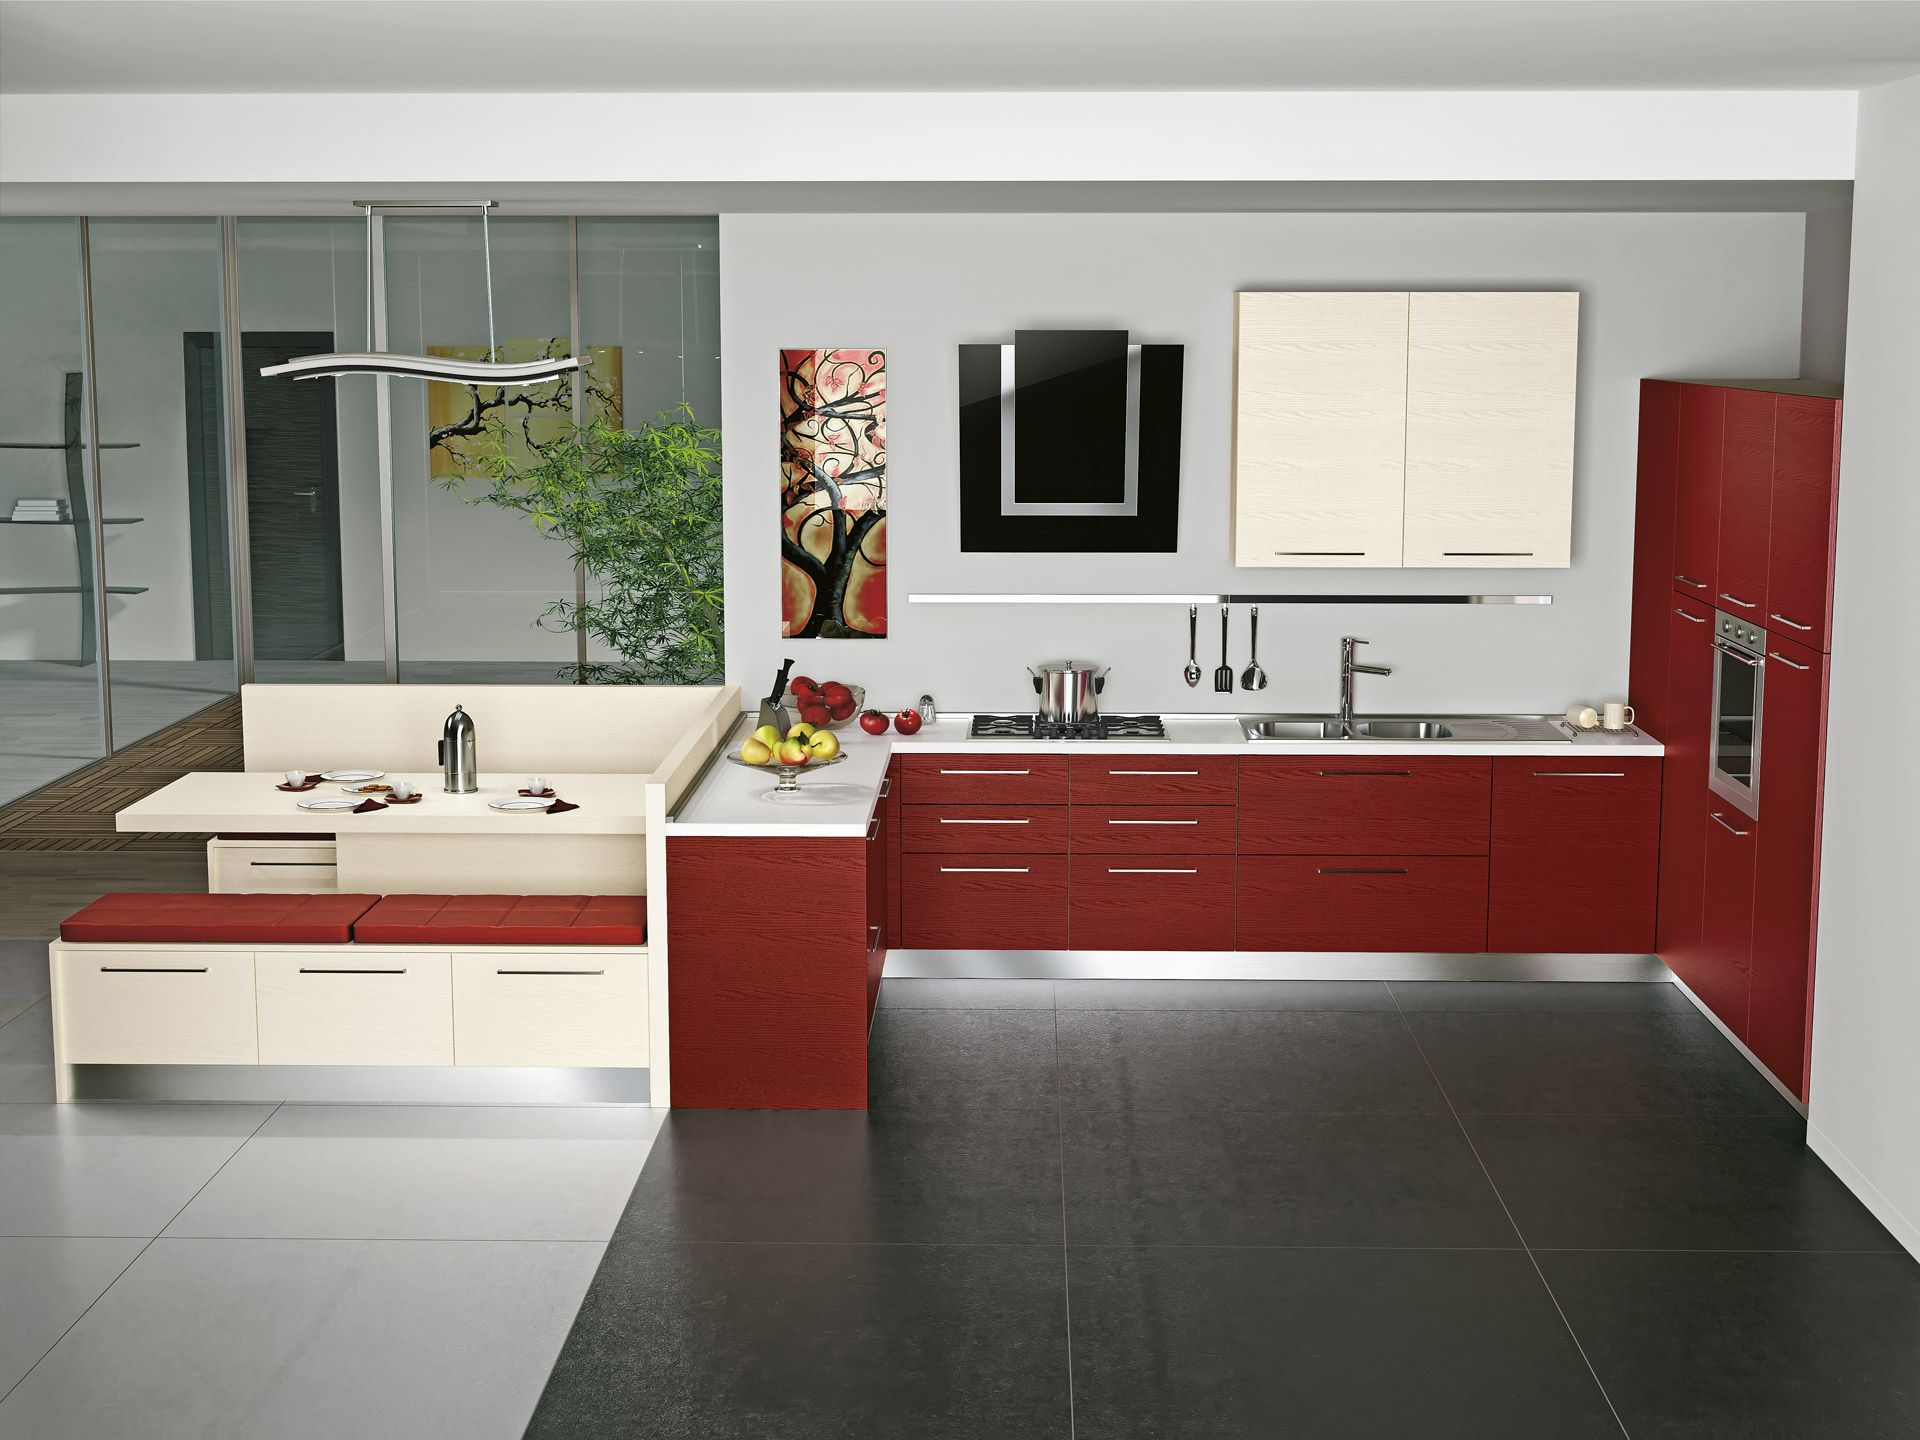 Oltre 1000 idee su panca per cucina su pinterest banquettes panchine per sedere e angoli per - Panca angolare cucina ...